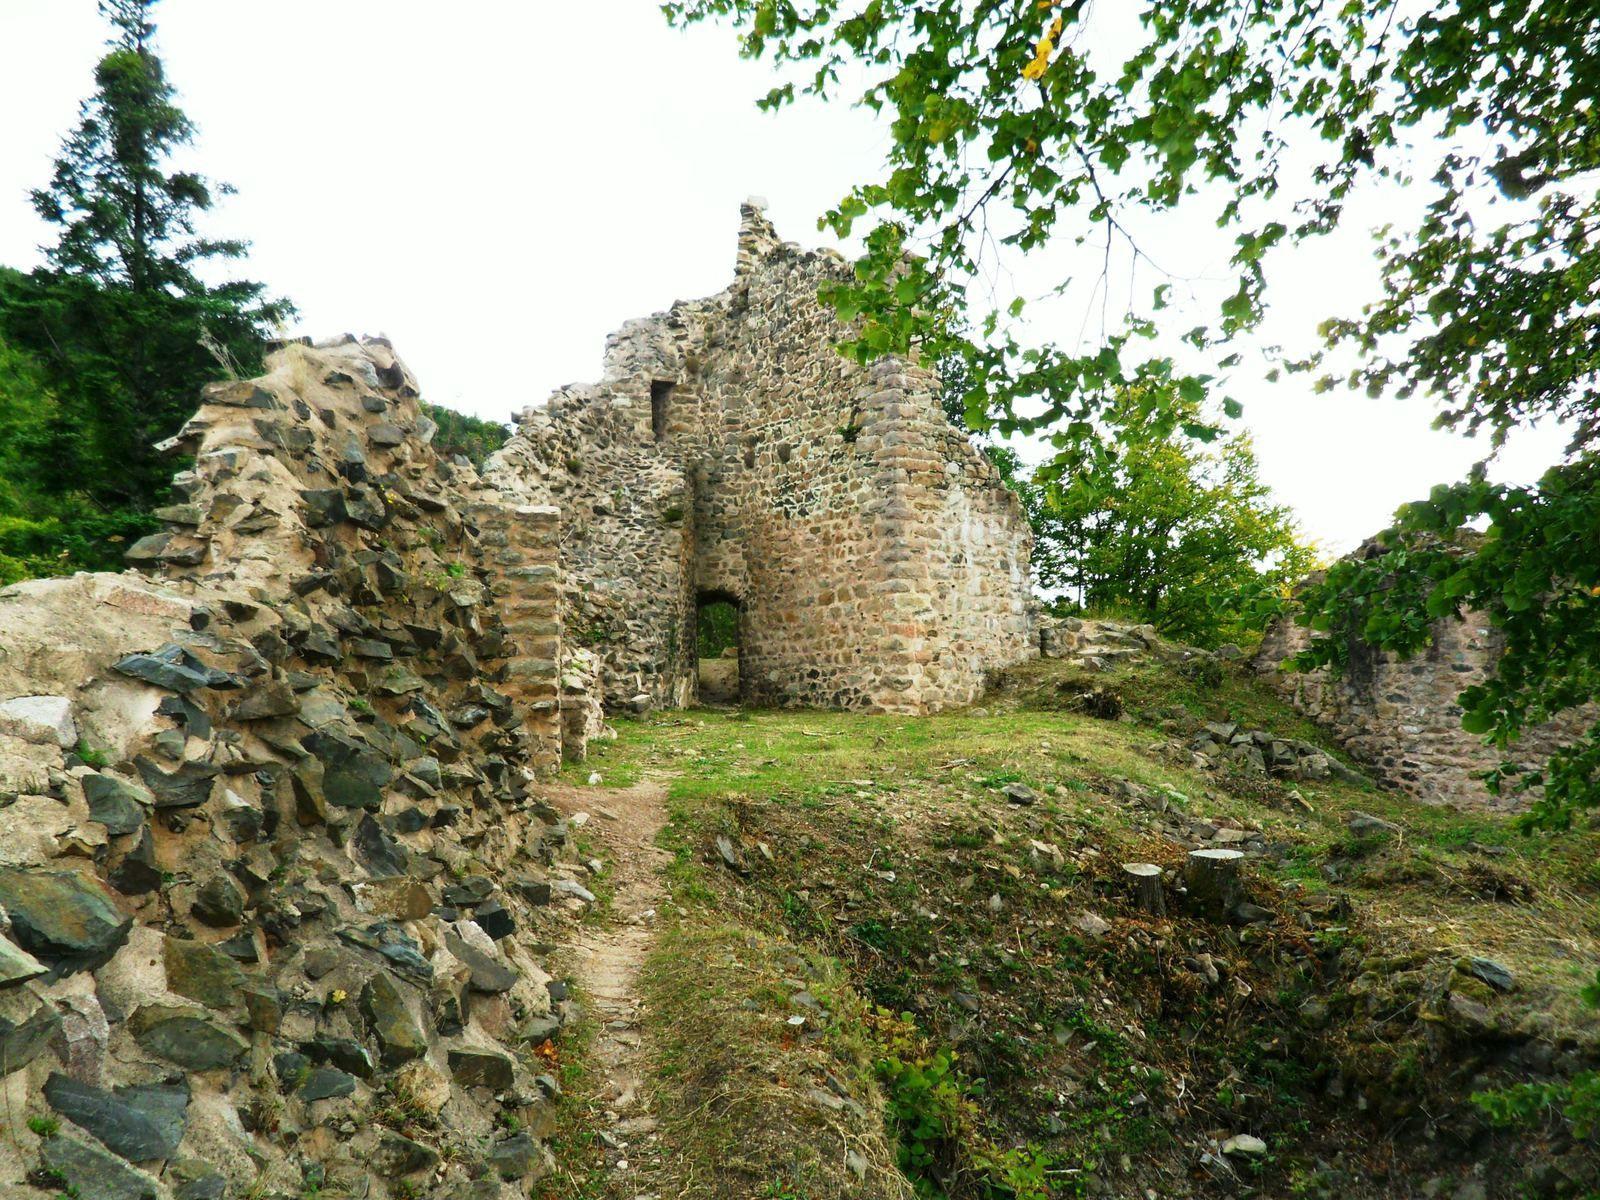 Mercredi 23 septembre - Randonnée de Soultzbach-les-Bains au Stauffen